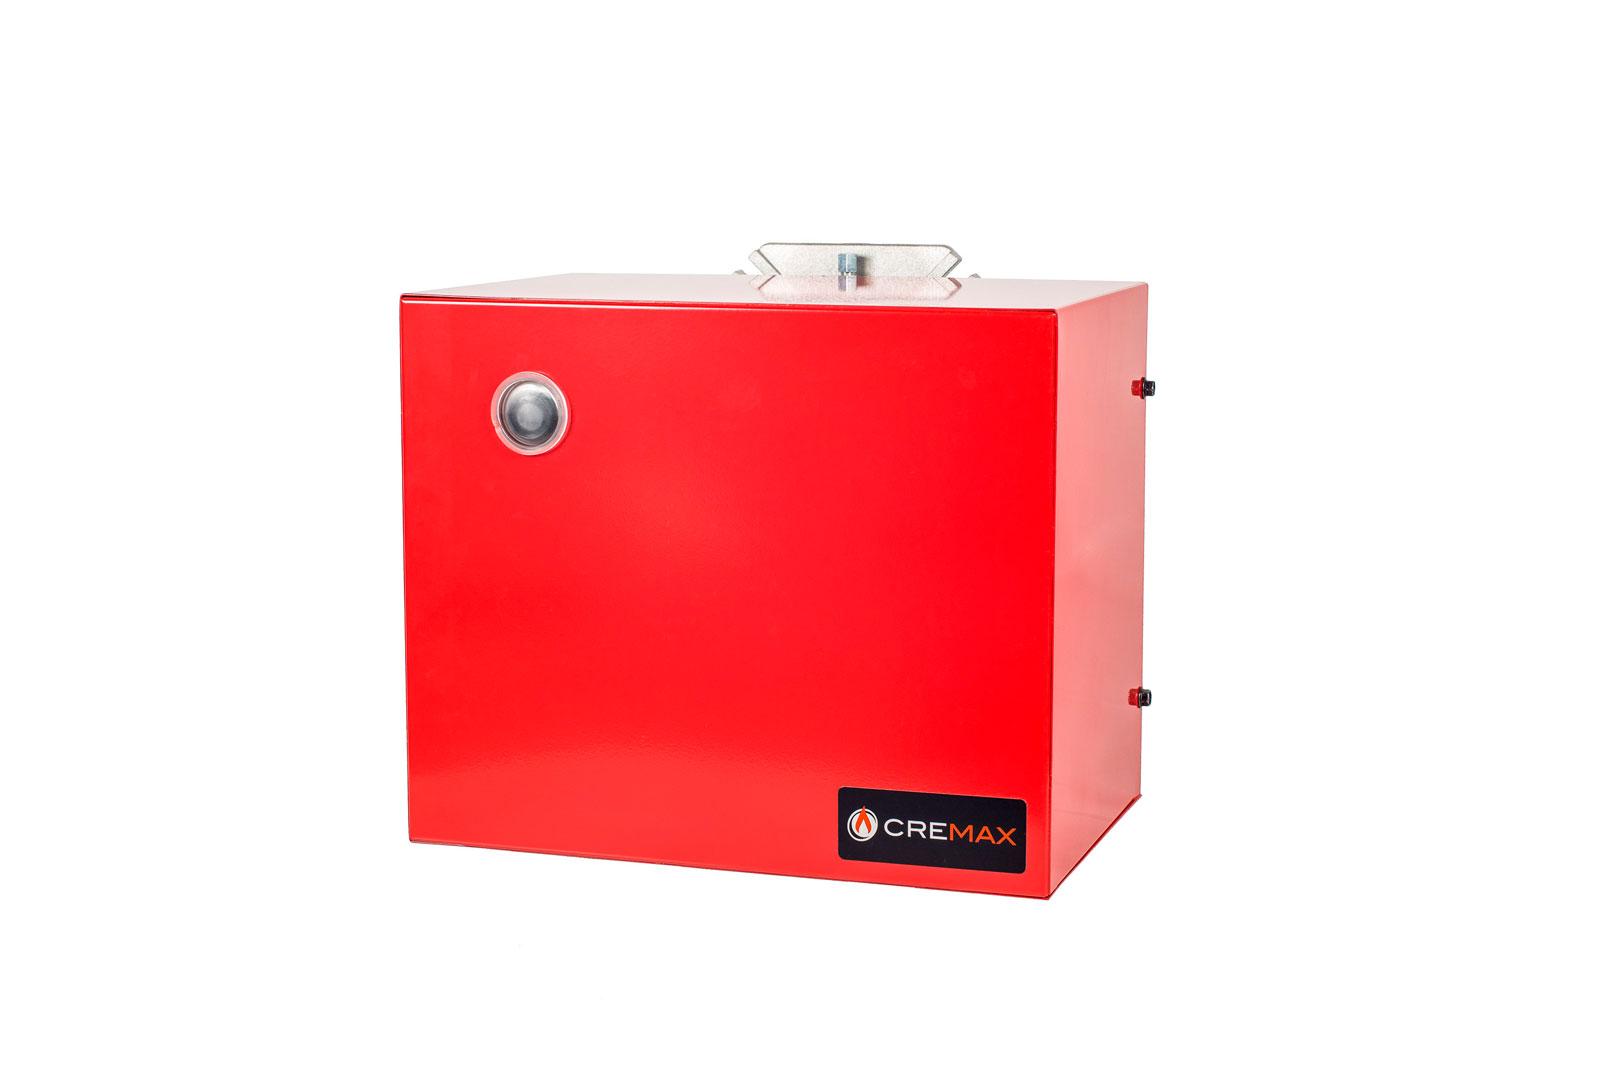 quemador-cremax-gasoleo-1-llama-23,7-59,2kw-flamax-eficiencia-energetica-ppal